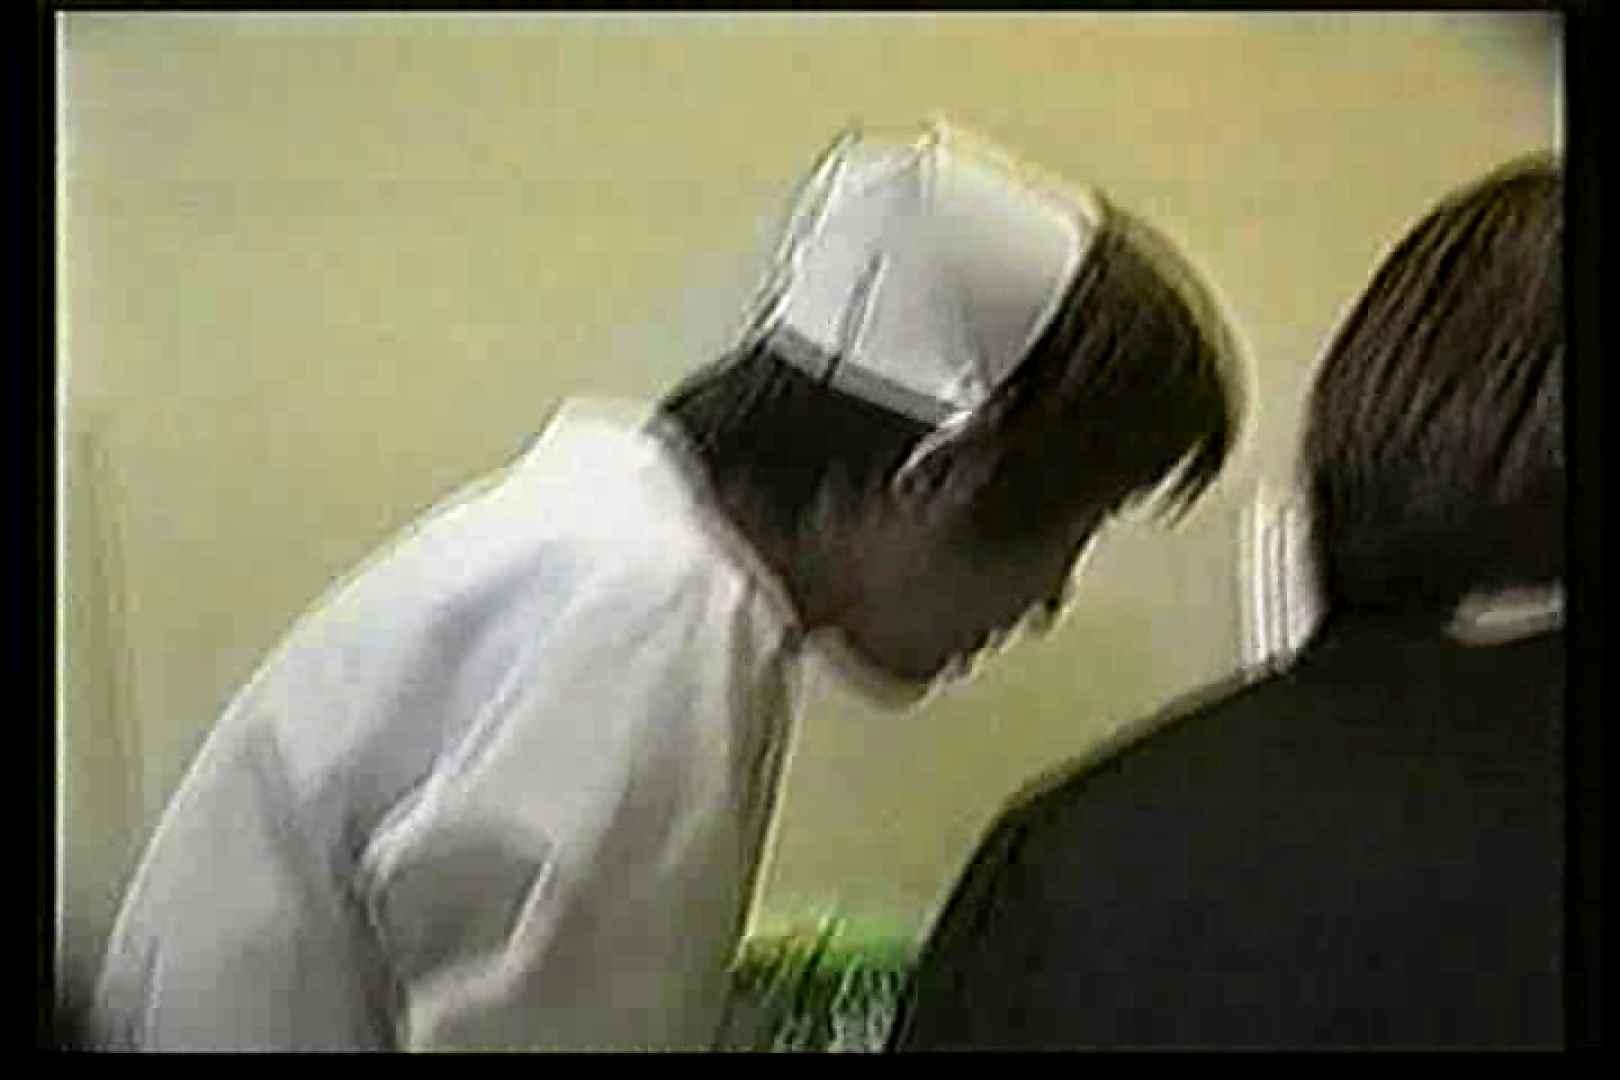 院内密着!看護婦達の下半身事情Vol.2 盗撮特集 のぞき動画キャプチャ 79画像 15